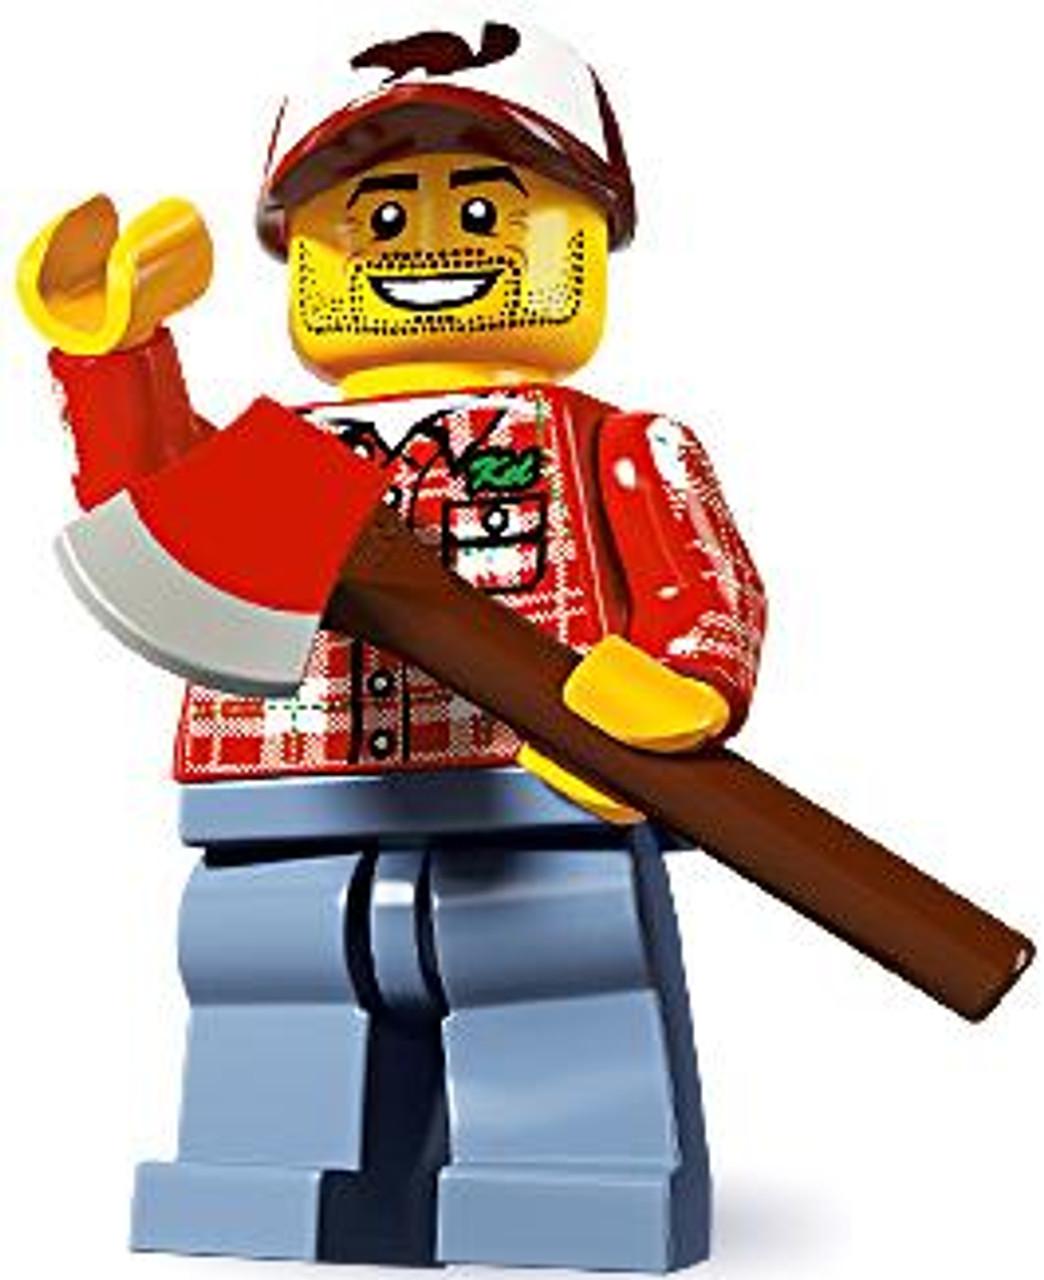 LEGO Minifigures Series 5 Lumberjack Minifigure [Loose]